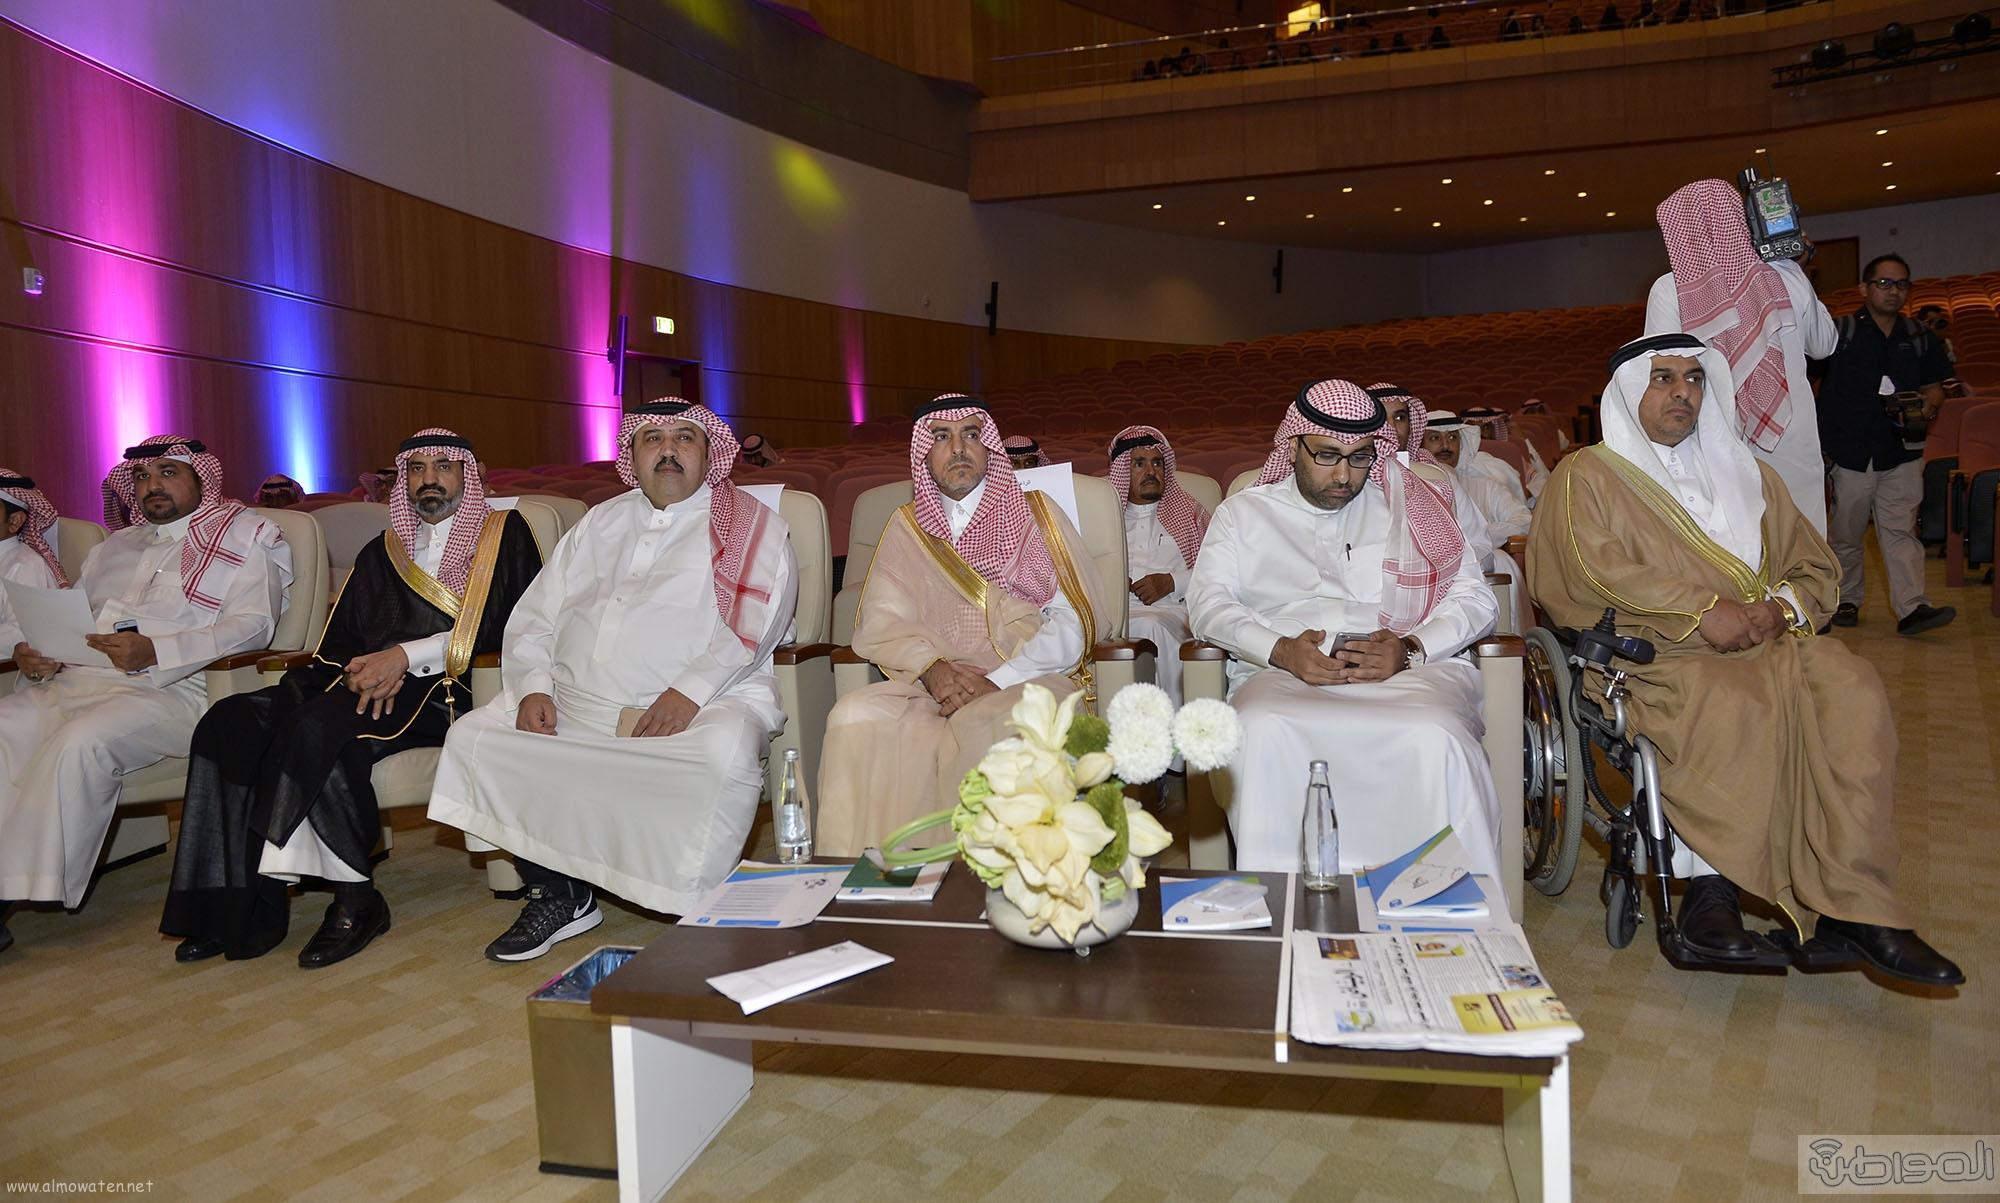 امير الرياض خلال رعاية طموح ملك لمستقبل وطن (6)